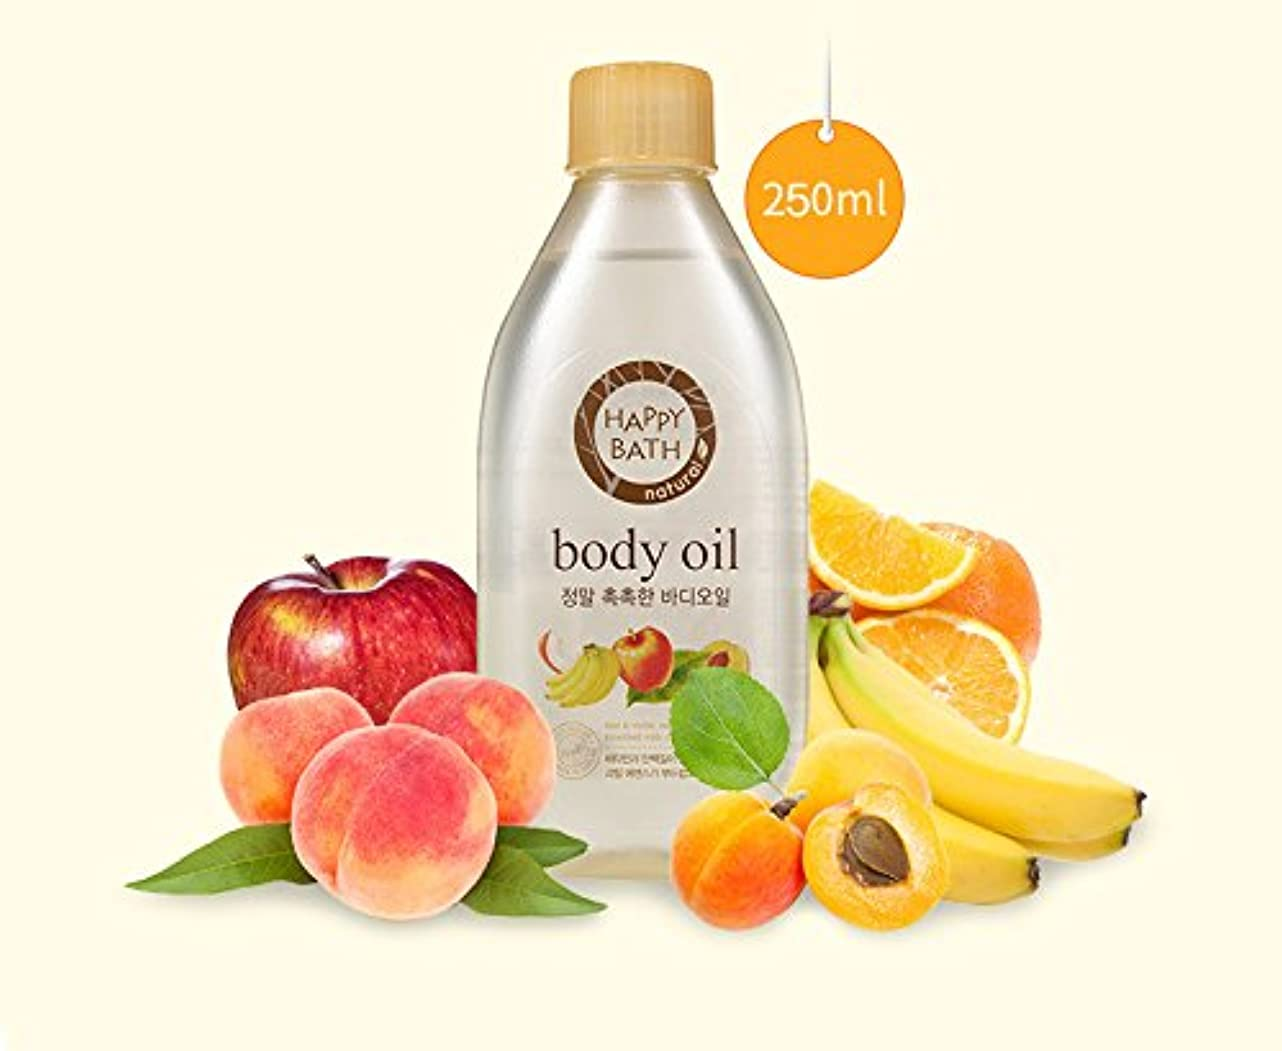 靄スペイン語サージ[ハッピーバス.happy bath]本当にしっとりボディミルク(1+1企画)/ Real moisturizing body milk(450ml+450ml)